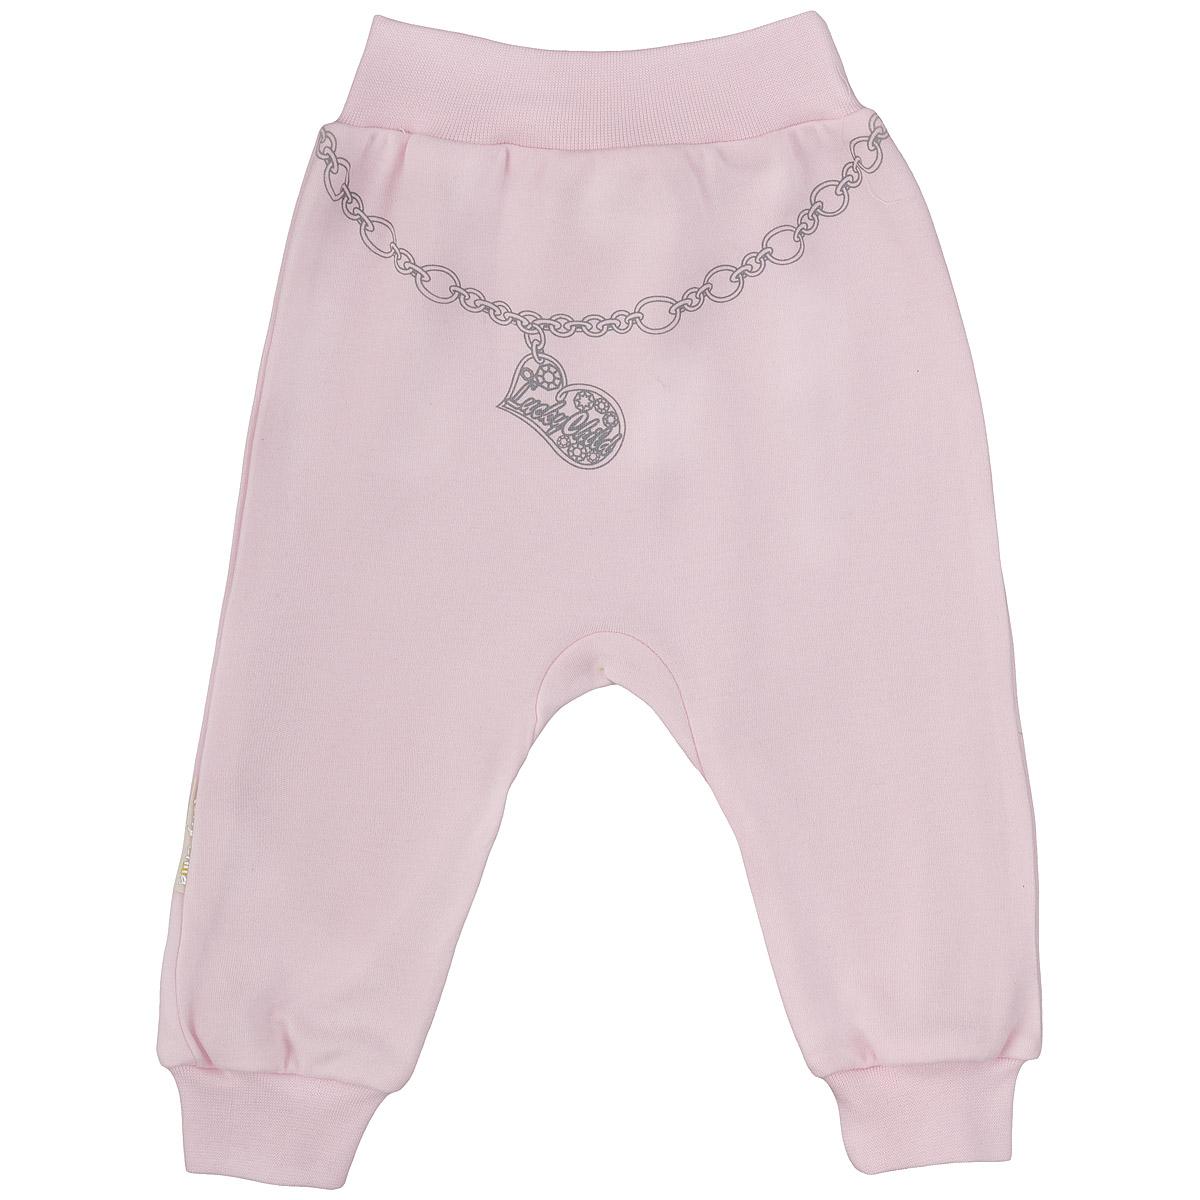 Штанишки на широком поясе для девочки Lucky Child, цвет: розовый. 2-11. Размер 86/922-11Удобные штанишки для девочки Lucky Child на широком поясе послужат идеальным дополнением к гардеробу вашей малышки. Штанишки, изготовленные из интерлока - натурального хлопка, необычайно мягкие и легкие, не раздражают нежную кожу ребенка и хорошо вентилируются, а эластичные швы приятны телу младенца и не препятствуют его движениям. Штанишки благодаря мягкому эластичному поясу не сдавливают животик ребенка и не сползают, обеспечивая ему наибольший комфорт, идеально подходят для ношения с подгузником и без него. Снизу брючины дополнены широкими трикотажными манжетами, не пережимающими ножку. Спереди они оформлены оригинальным принтом в виде цепочки с подвеской.Штанишки очень удобный и практичный вид одежды для малышей, которые уже немного подросли. Отлично сочетаются с футболками, кофточками и боди.В таких штанишках вашей малышке будет уютно и комфортно!